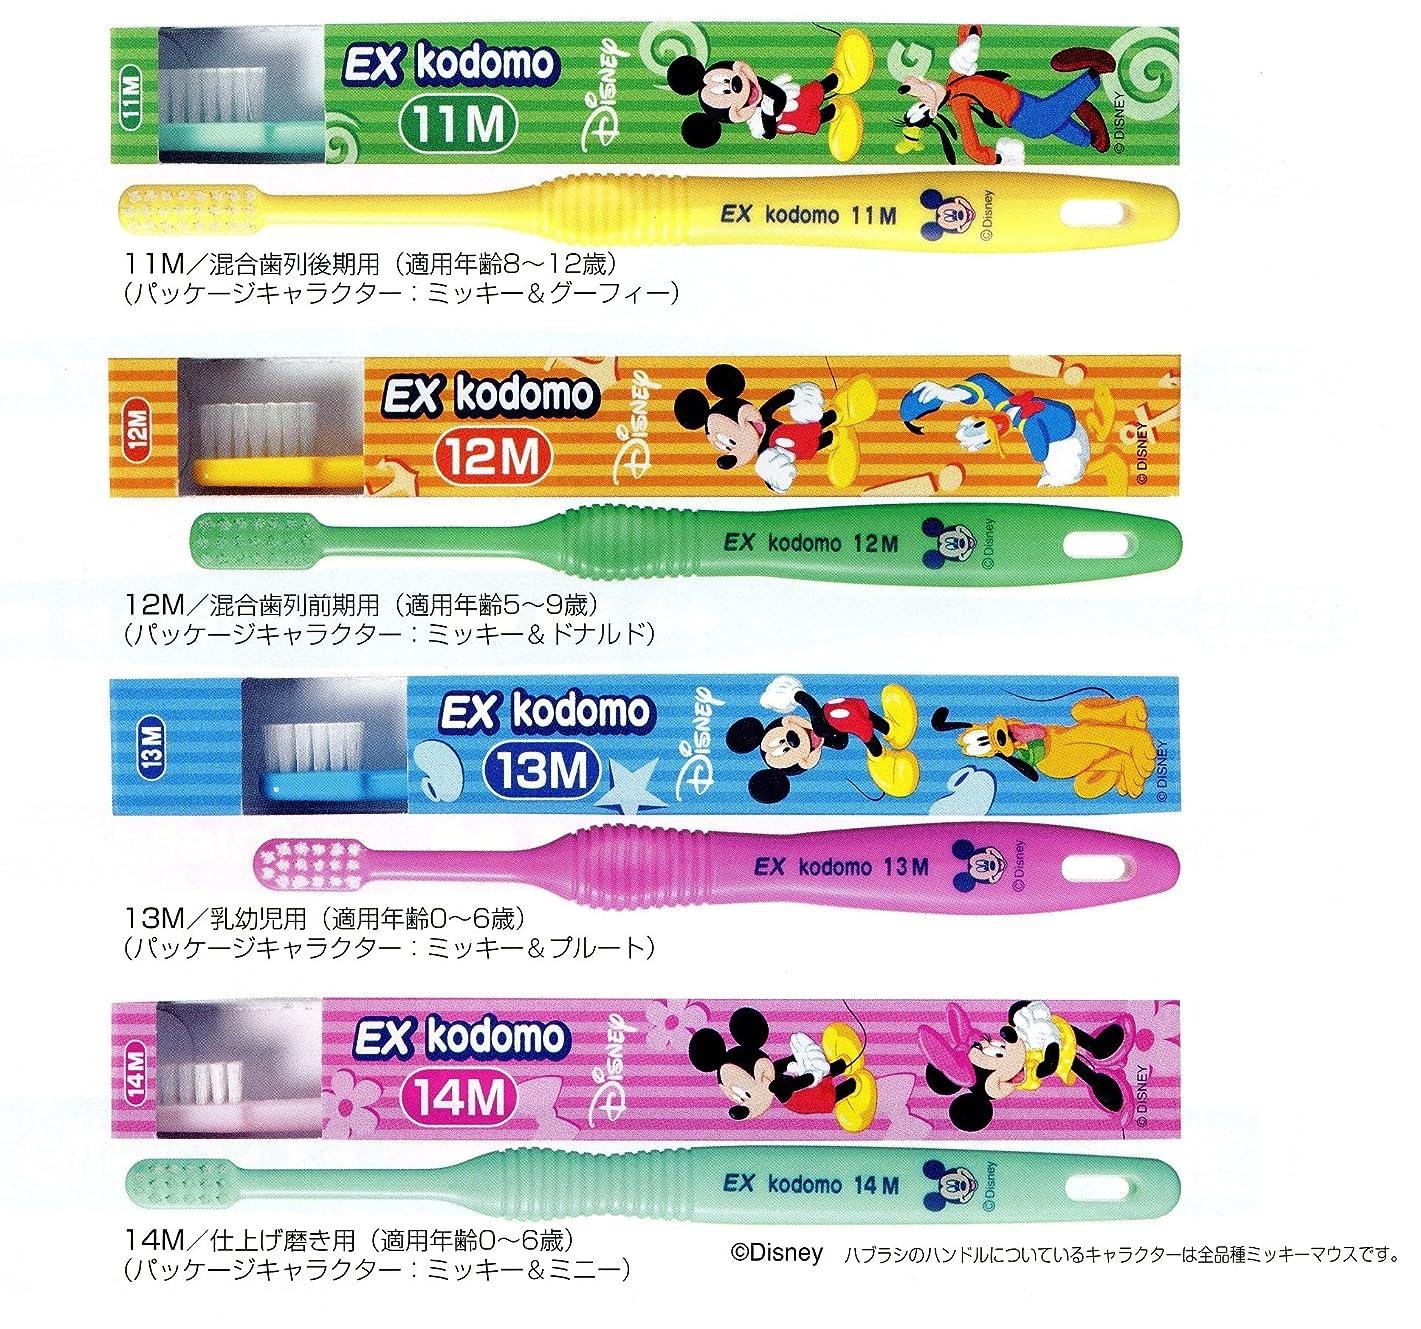 手段人口水を飲むライオン コドモ ディズニー DENT.EX kodomo Disney 1本 12M イエロー (5?9歳)